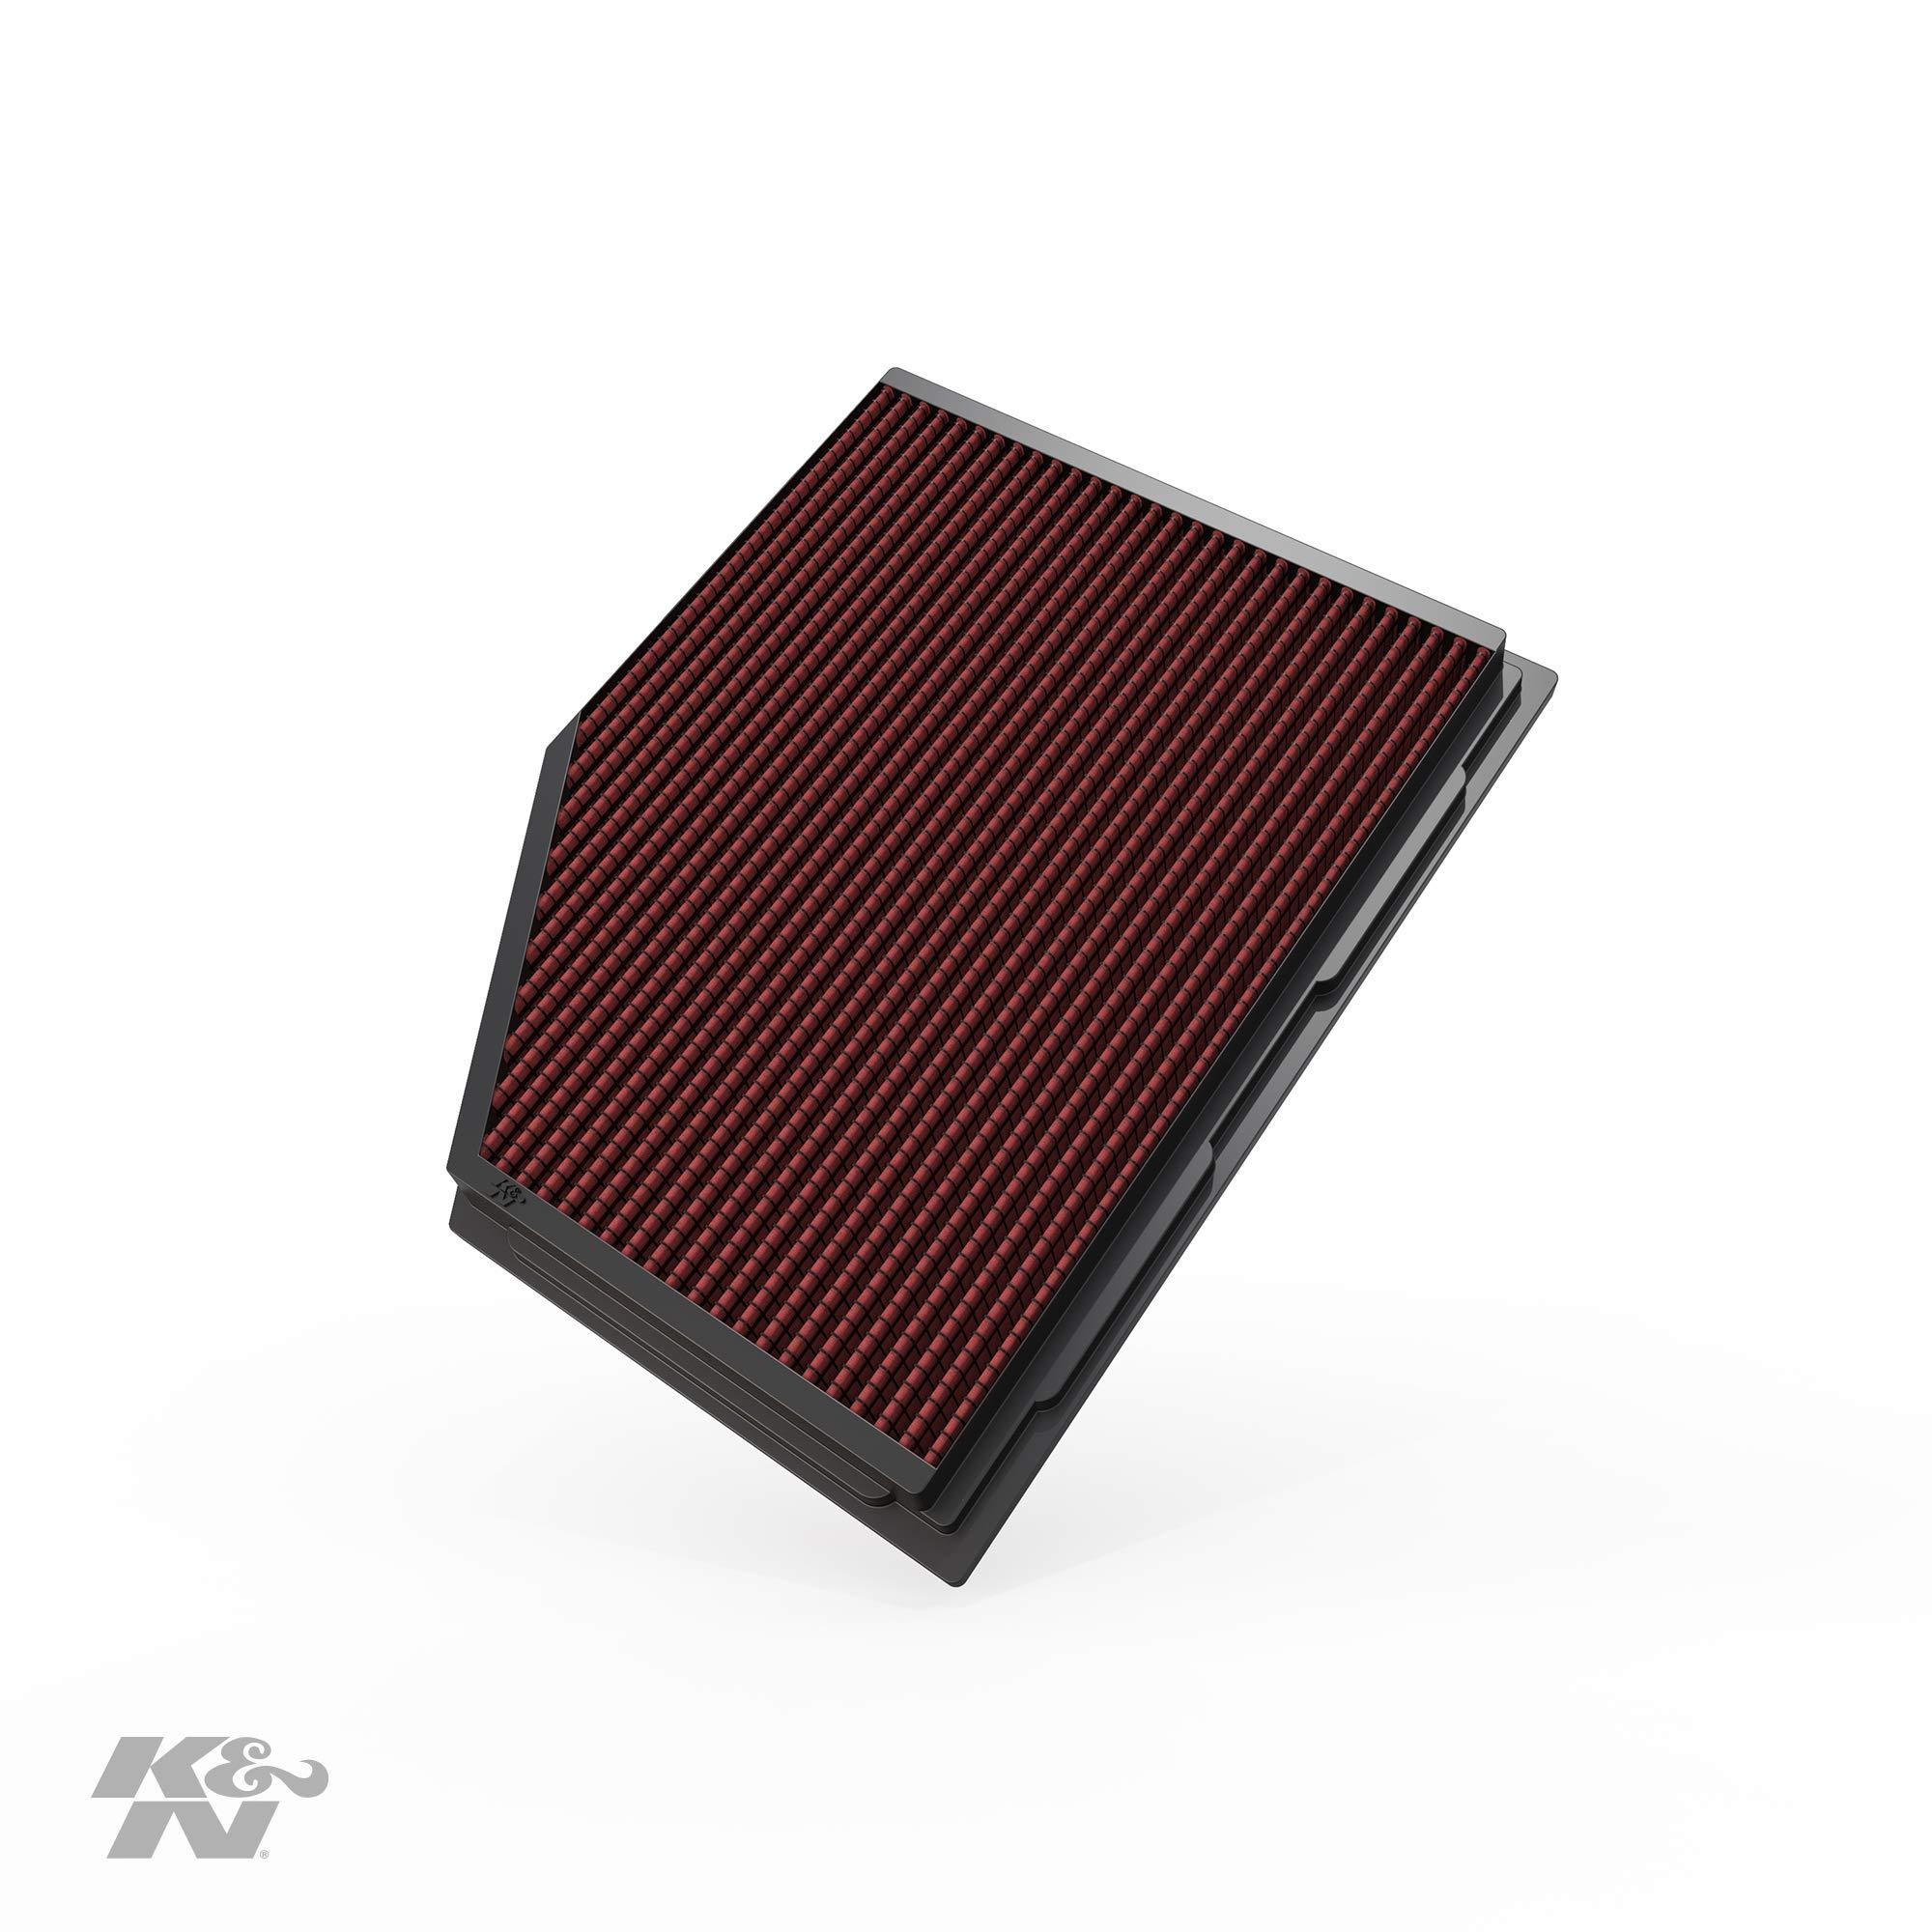 K&N 33-2292 Filtro de Aire Coche, Lavable y Reutilizable: Amazon ...